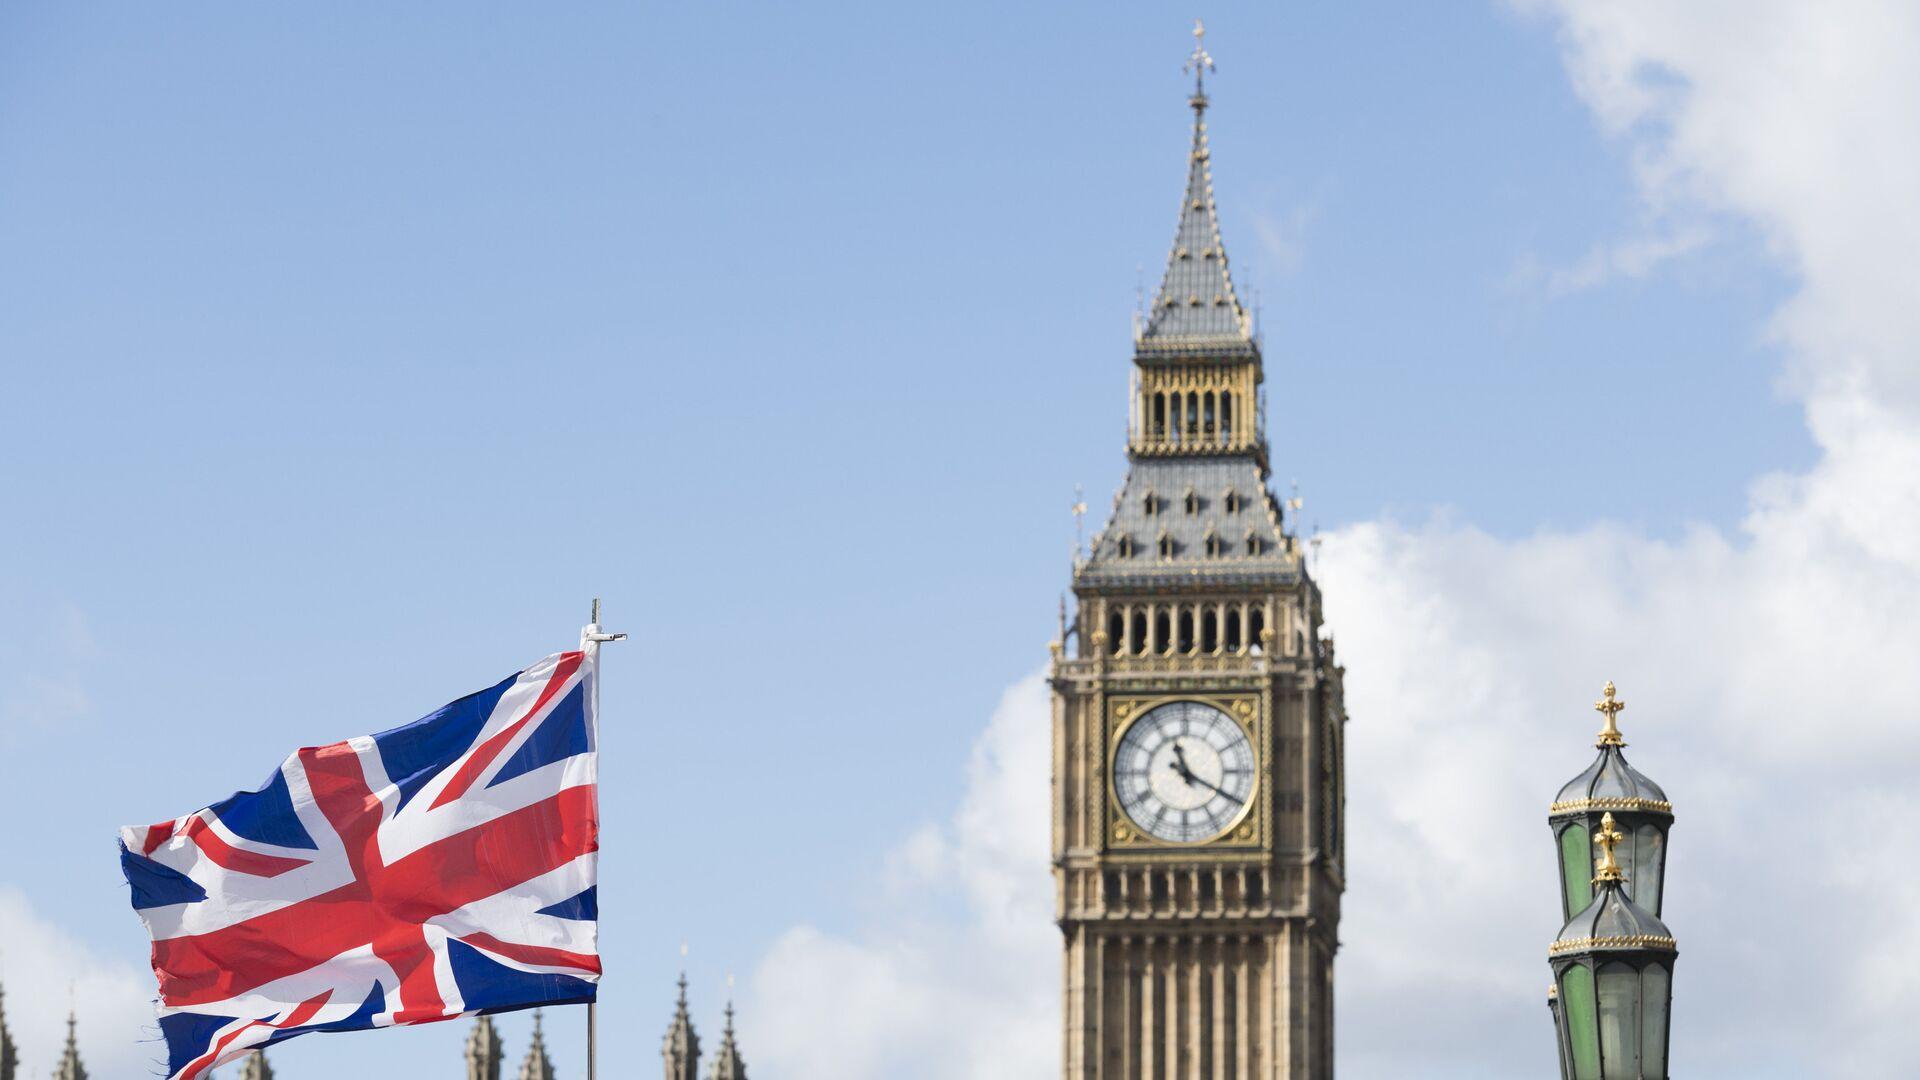 Флаг Великобритании на фоне Вестминстерского дворца в Лондоне - РИА Новости, 1920, 14.03.2021